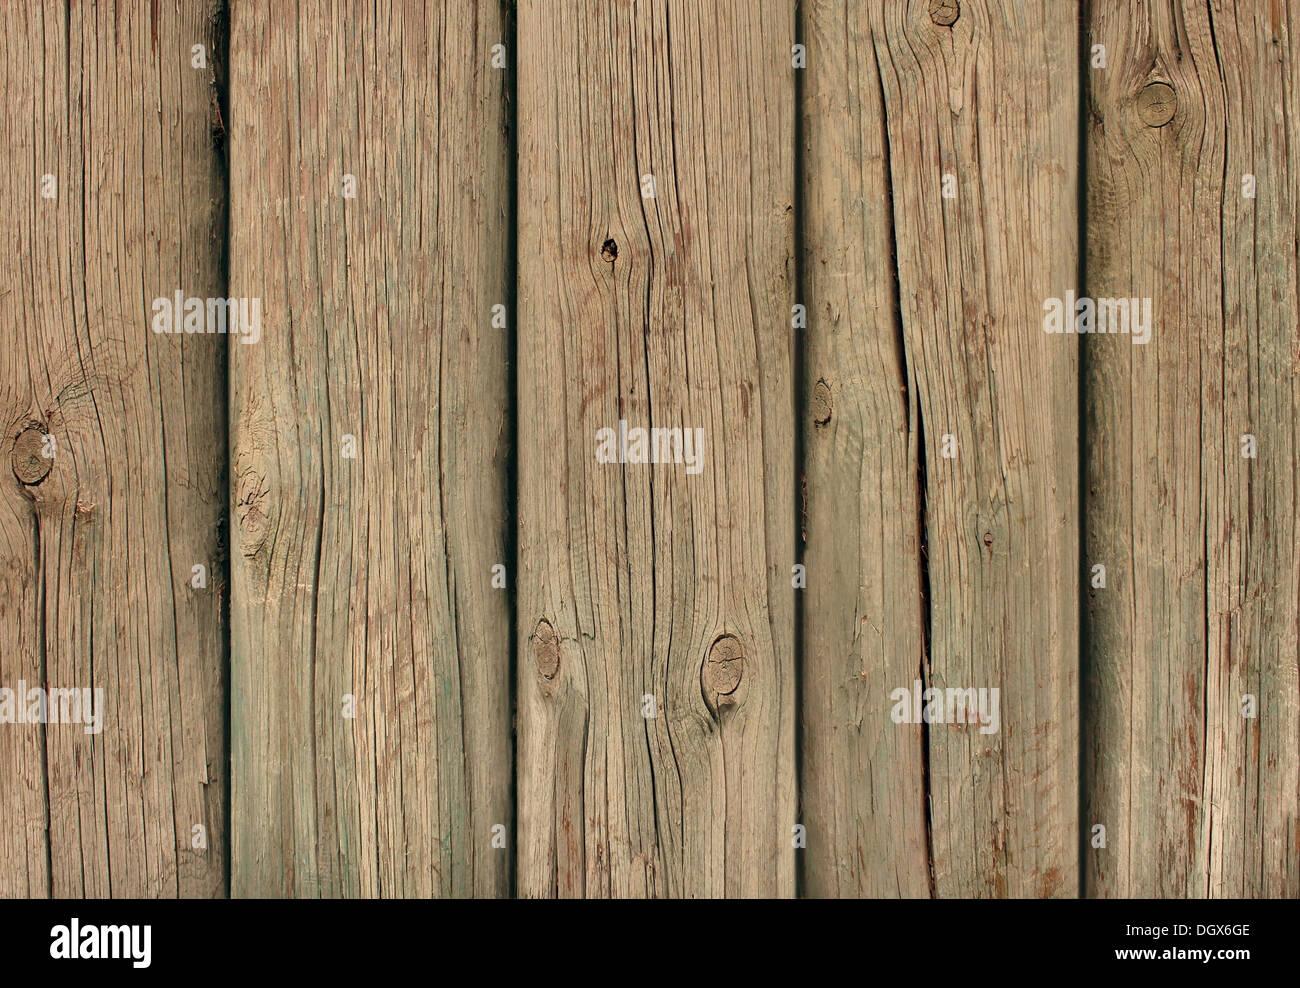 Old weathered wood background avec de gros troncs d'arbres coupés comme un mur antique distressed grunge de bandes dans un âge modèle vertical Photo Stock